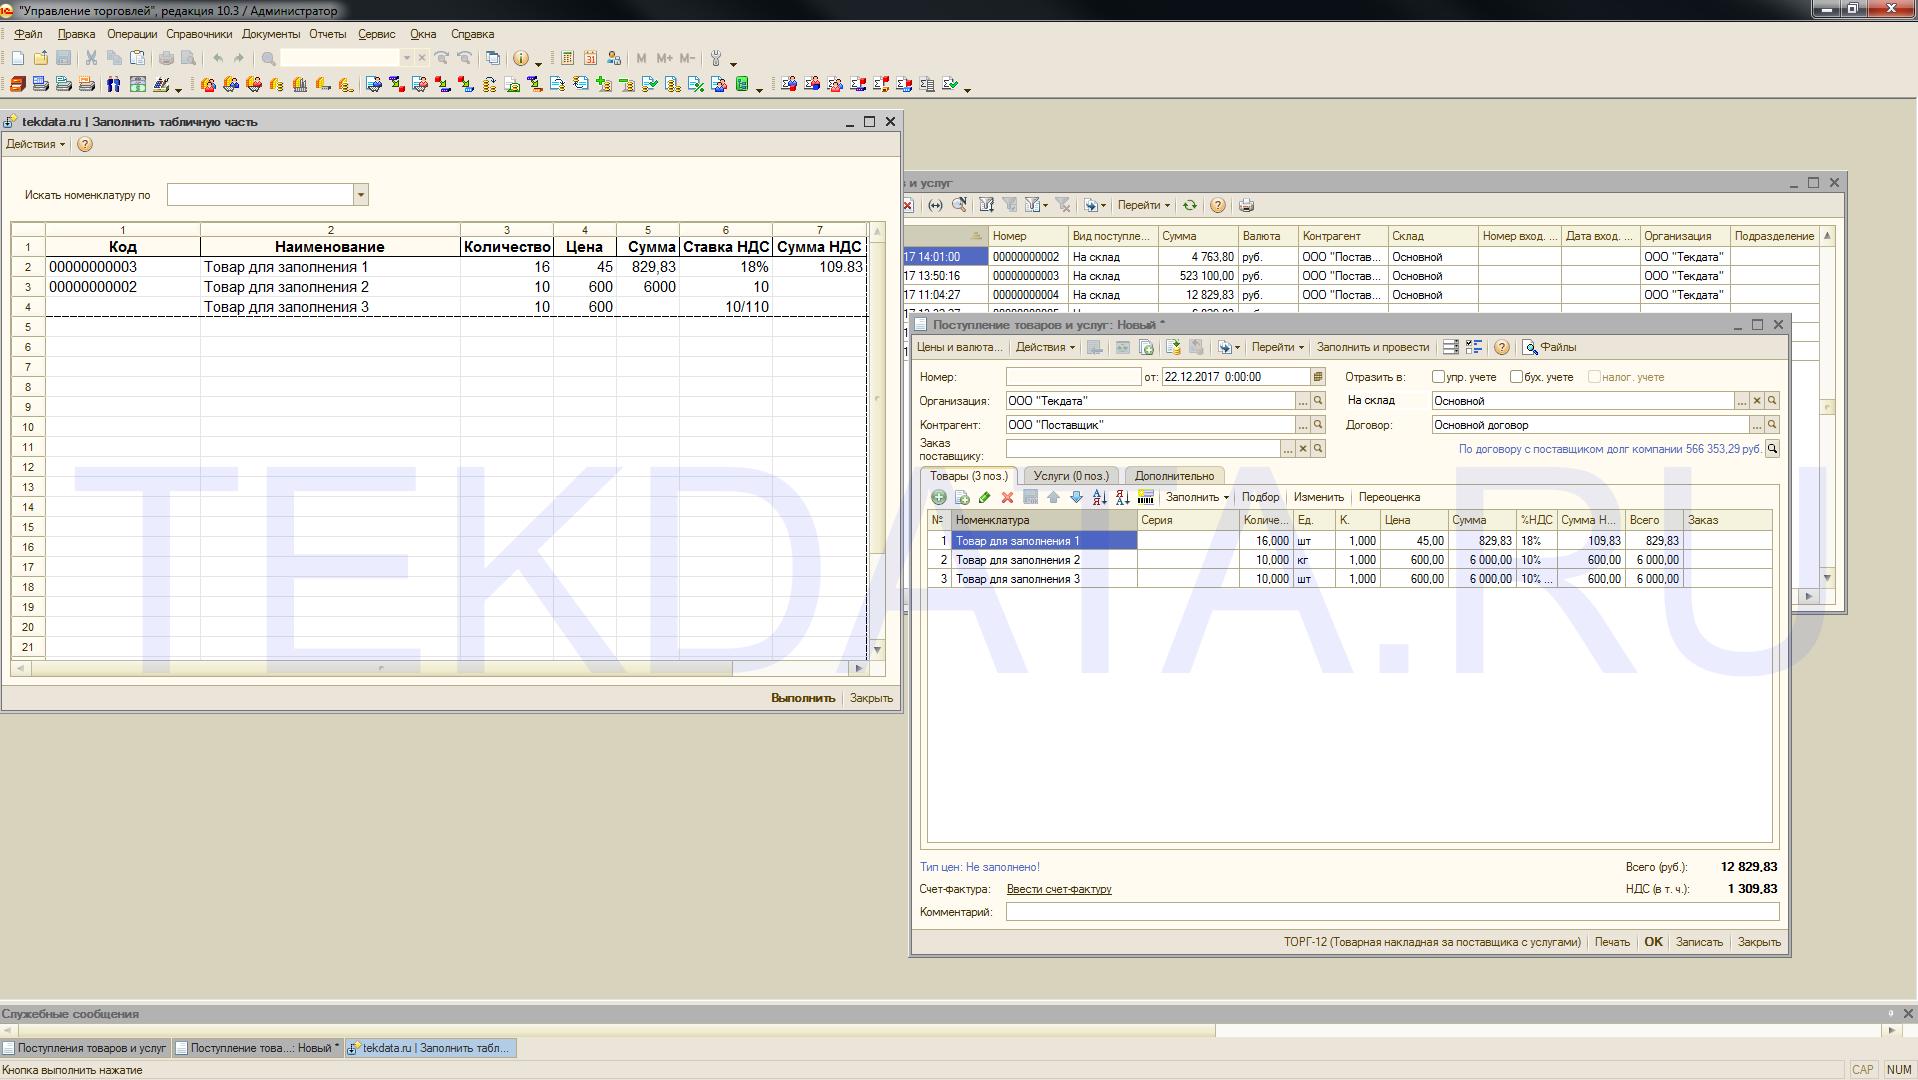 Универсальное заполнение табличных частей документов из Excel и других документов в 1С УТ 10.3 (Внешняя обработка)